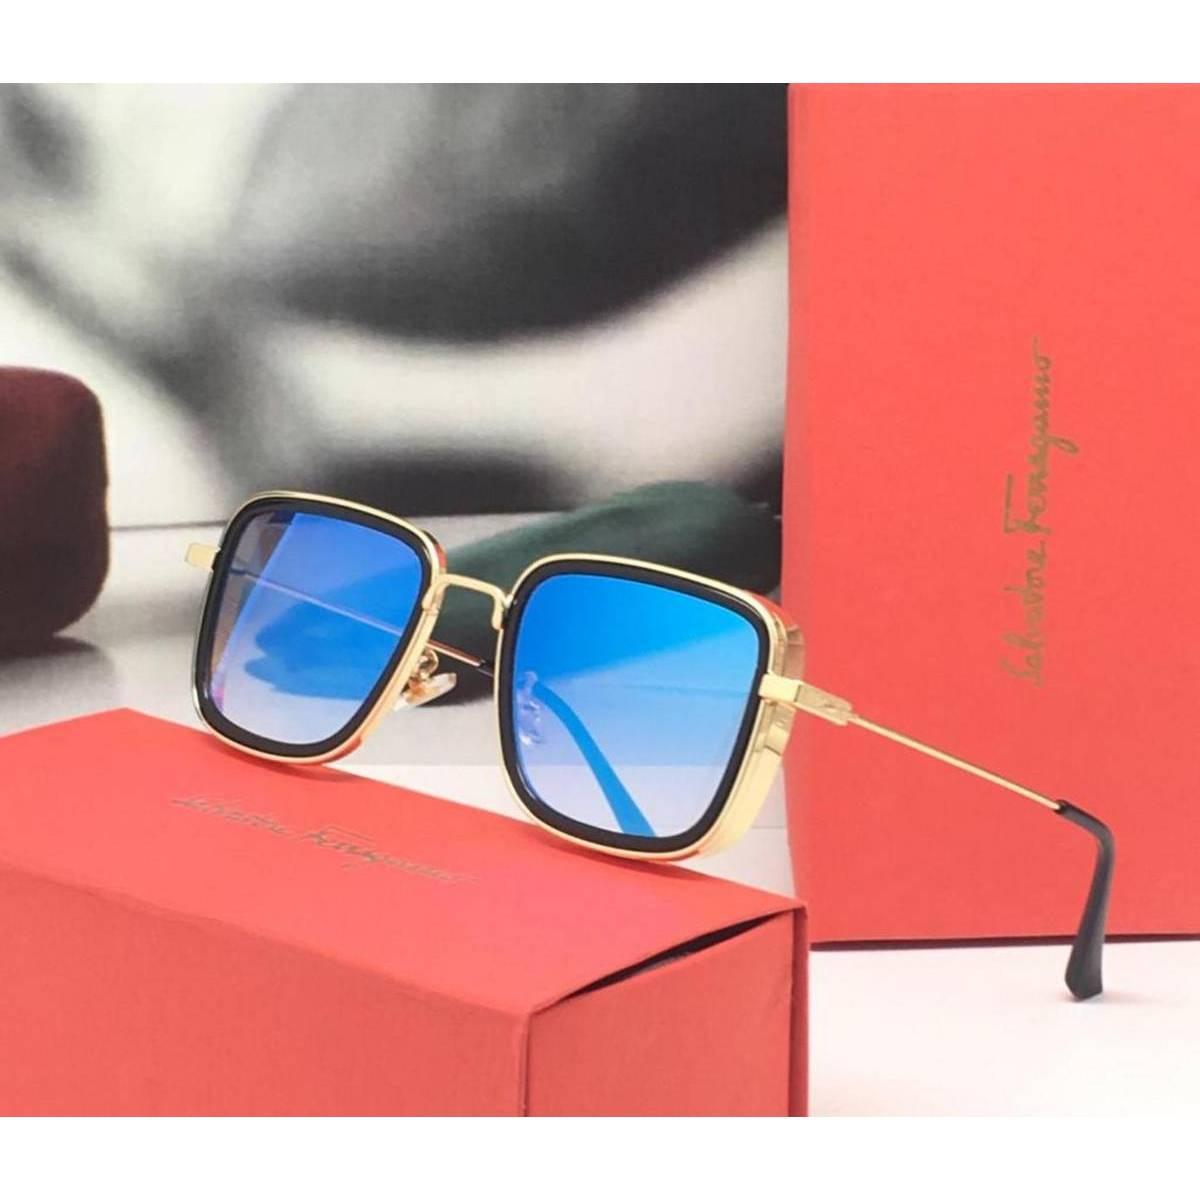 New Kabir Singh Sunglasses Men Square Sun Glasses for Men UV400 high quality